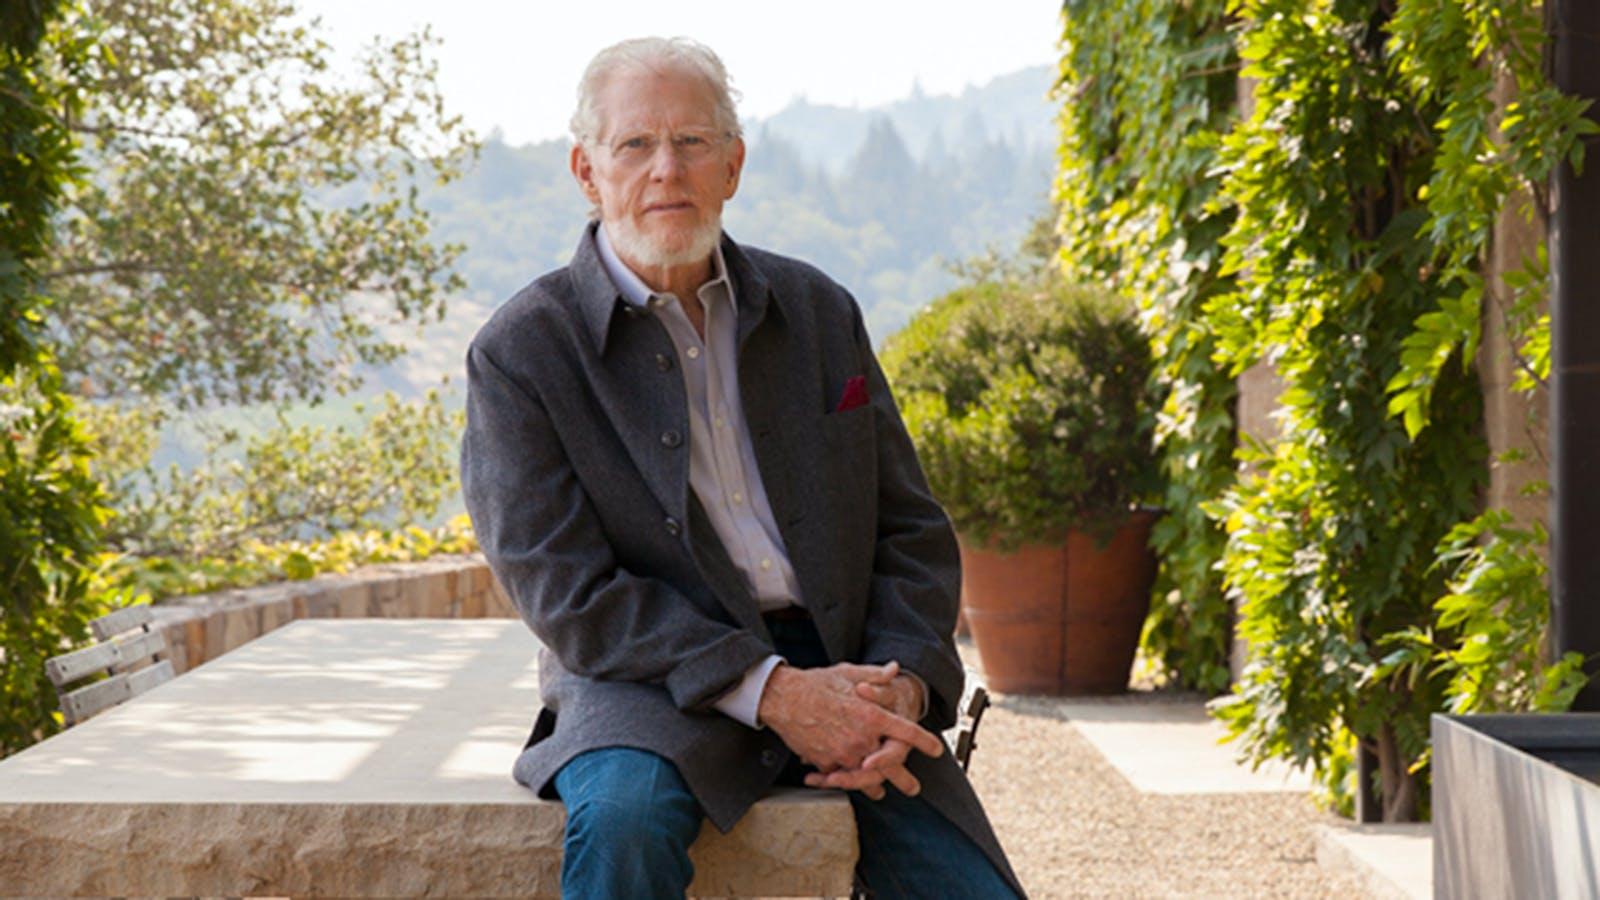 Bill Harlan's 100-Year Vision